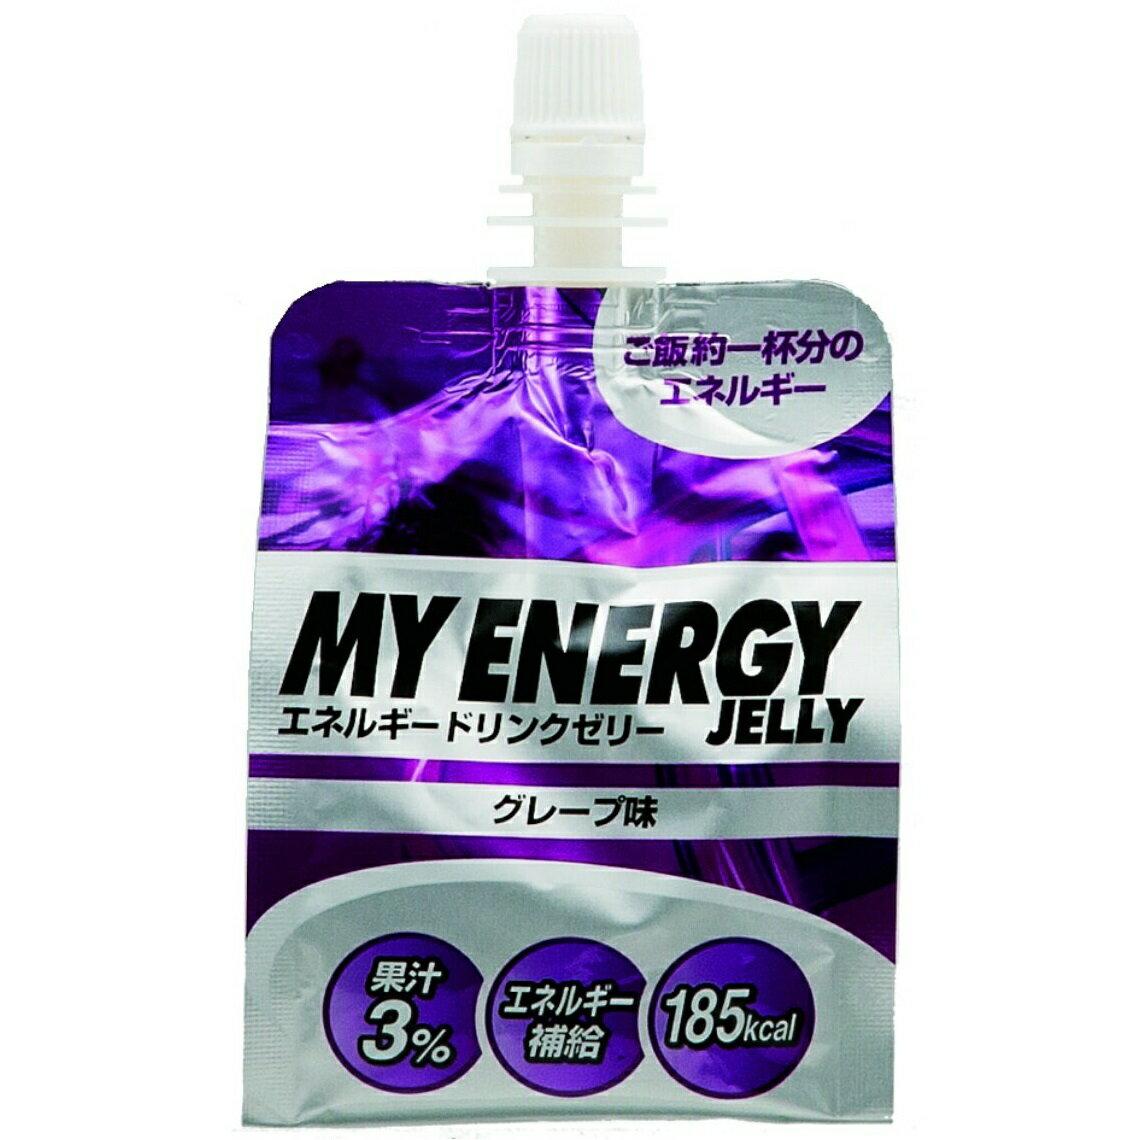 ビジョンクエスト Vision Questサプリエネルギーゼリー スポーツゼリー グレープ味EGJ-GPエネルギー補給 ゼリー飲料 低価格 ランニングドリンク sw